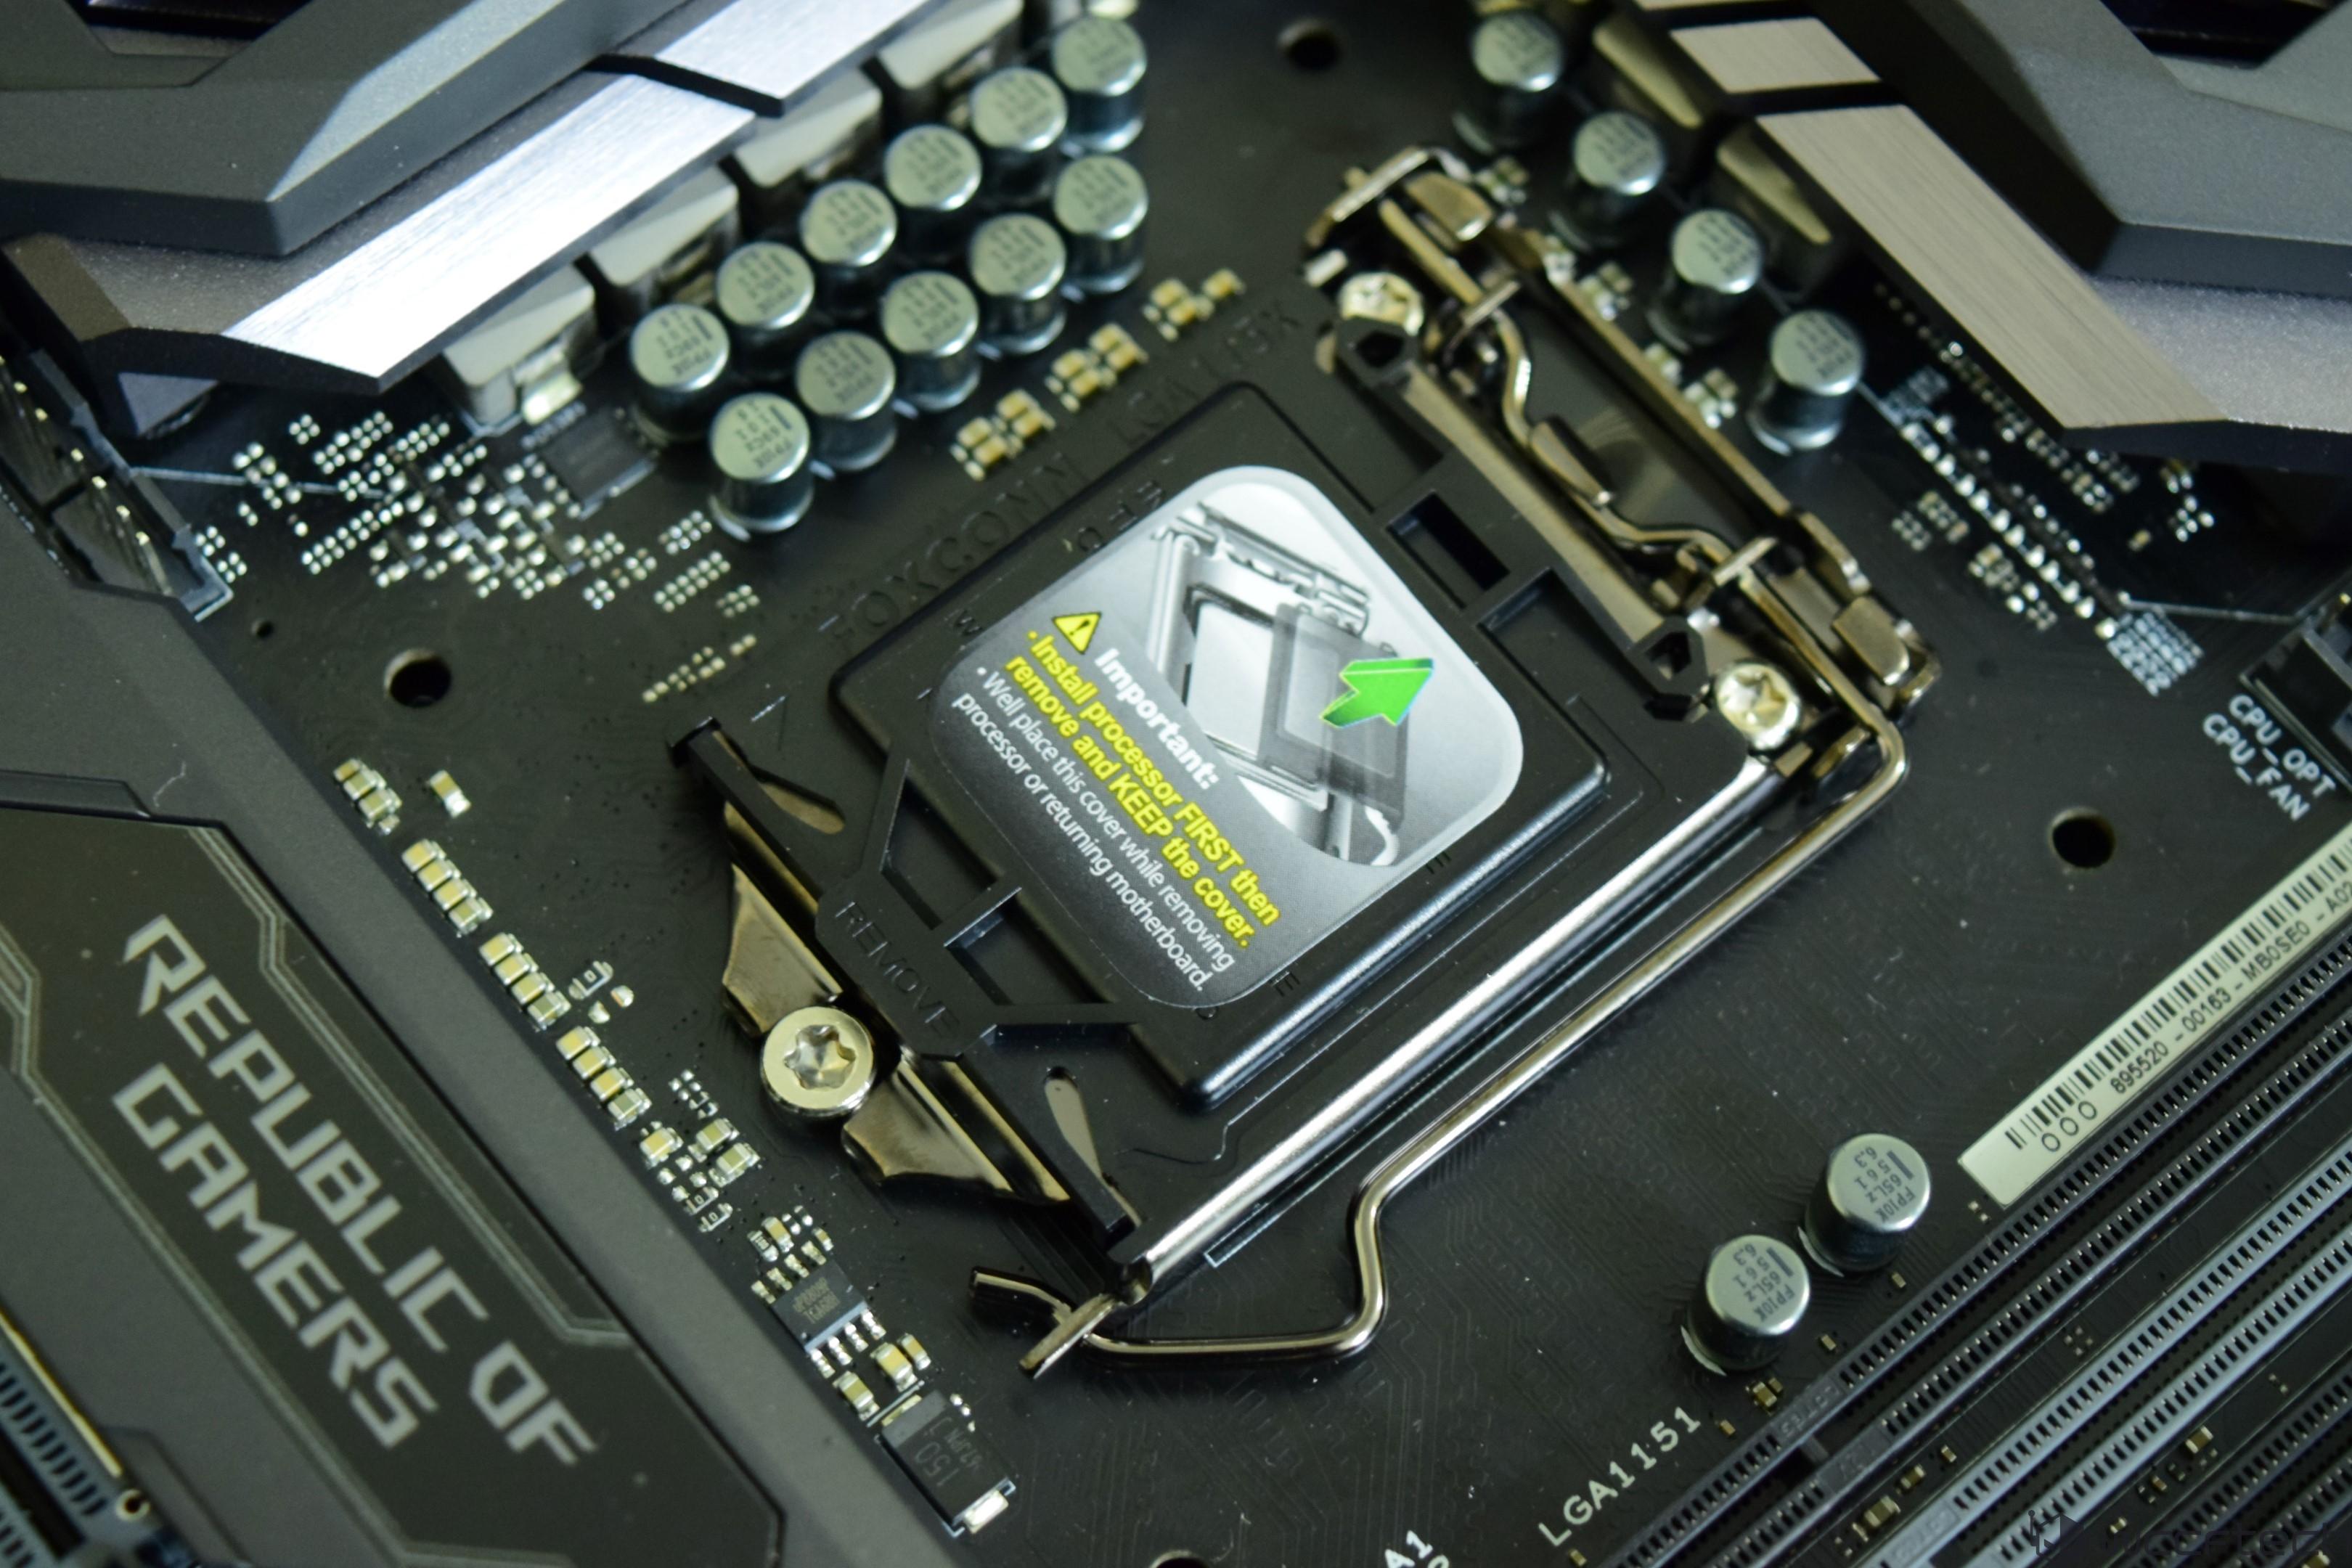 ASUS ROG MAXIMUS IX CODE Z270 LGA 1151 Motherboard Review – ASUS ROG